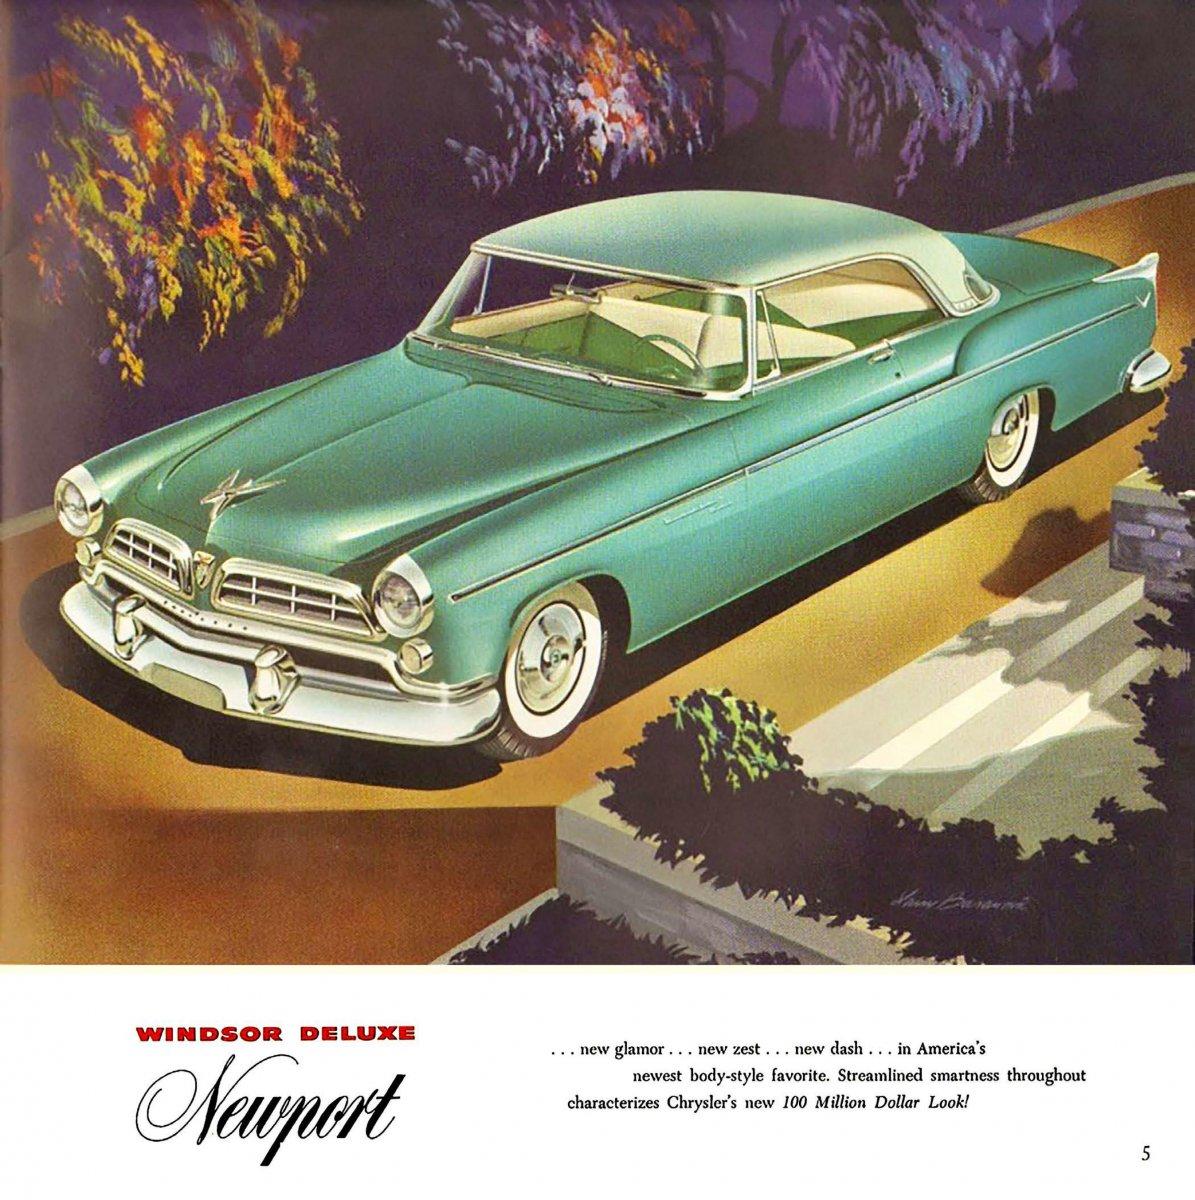 1955_Chrysler_Windsor_Brochure_1-16_05.jpg